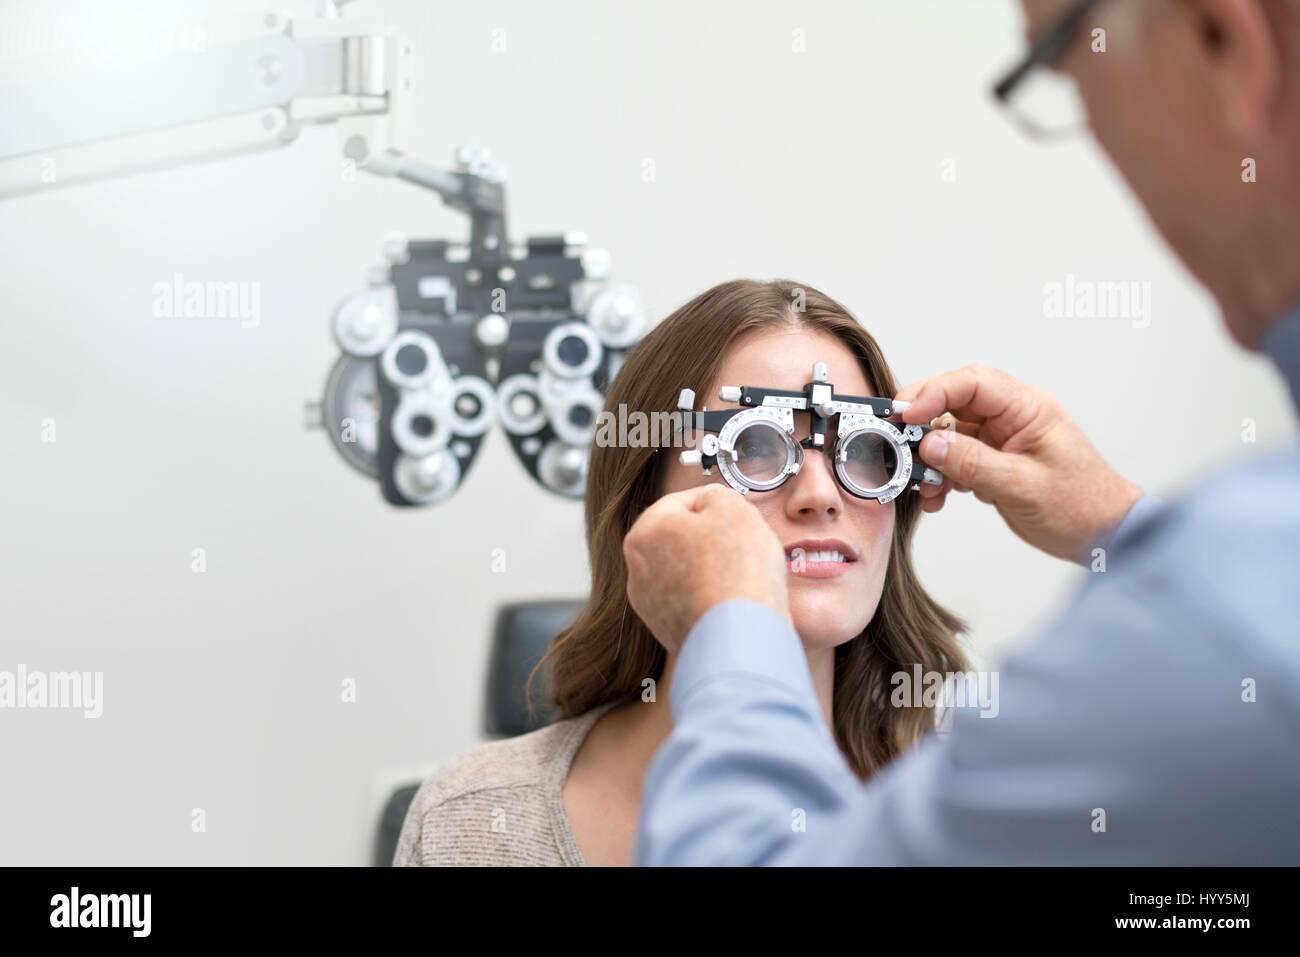 Mujer vistiendo ojos Gafas de pruebas. Foto de stock